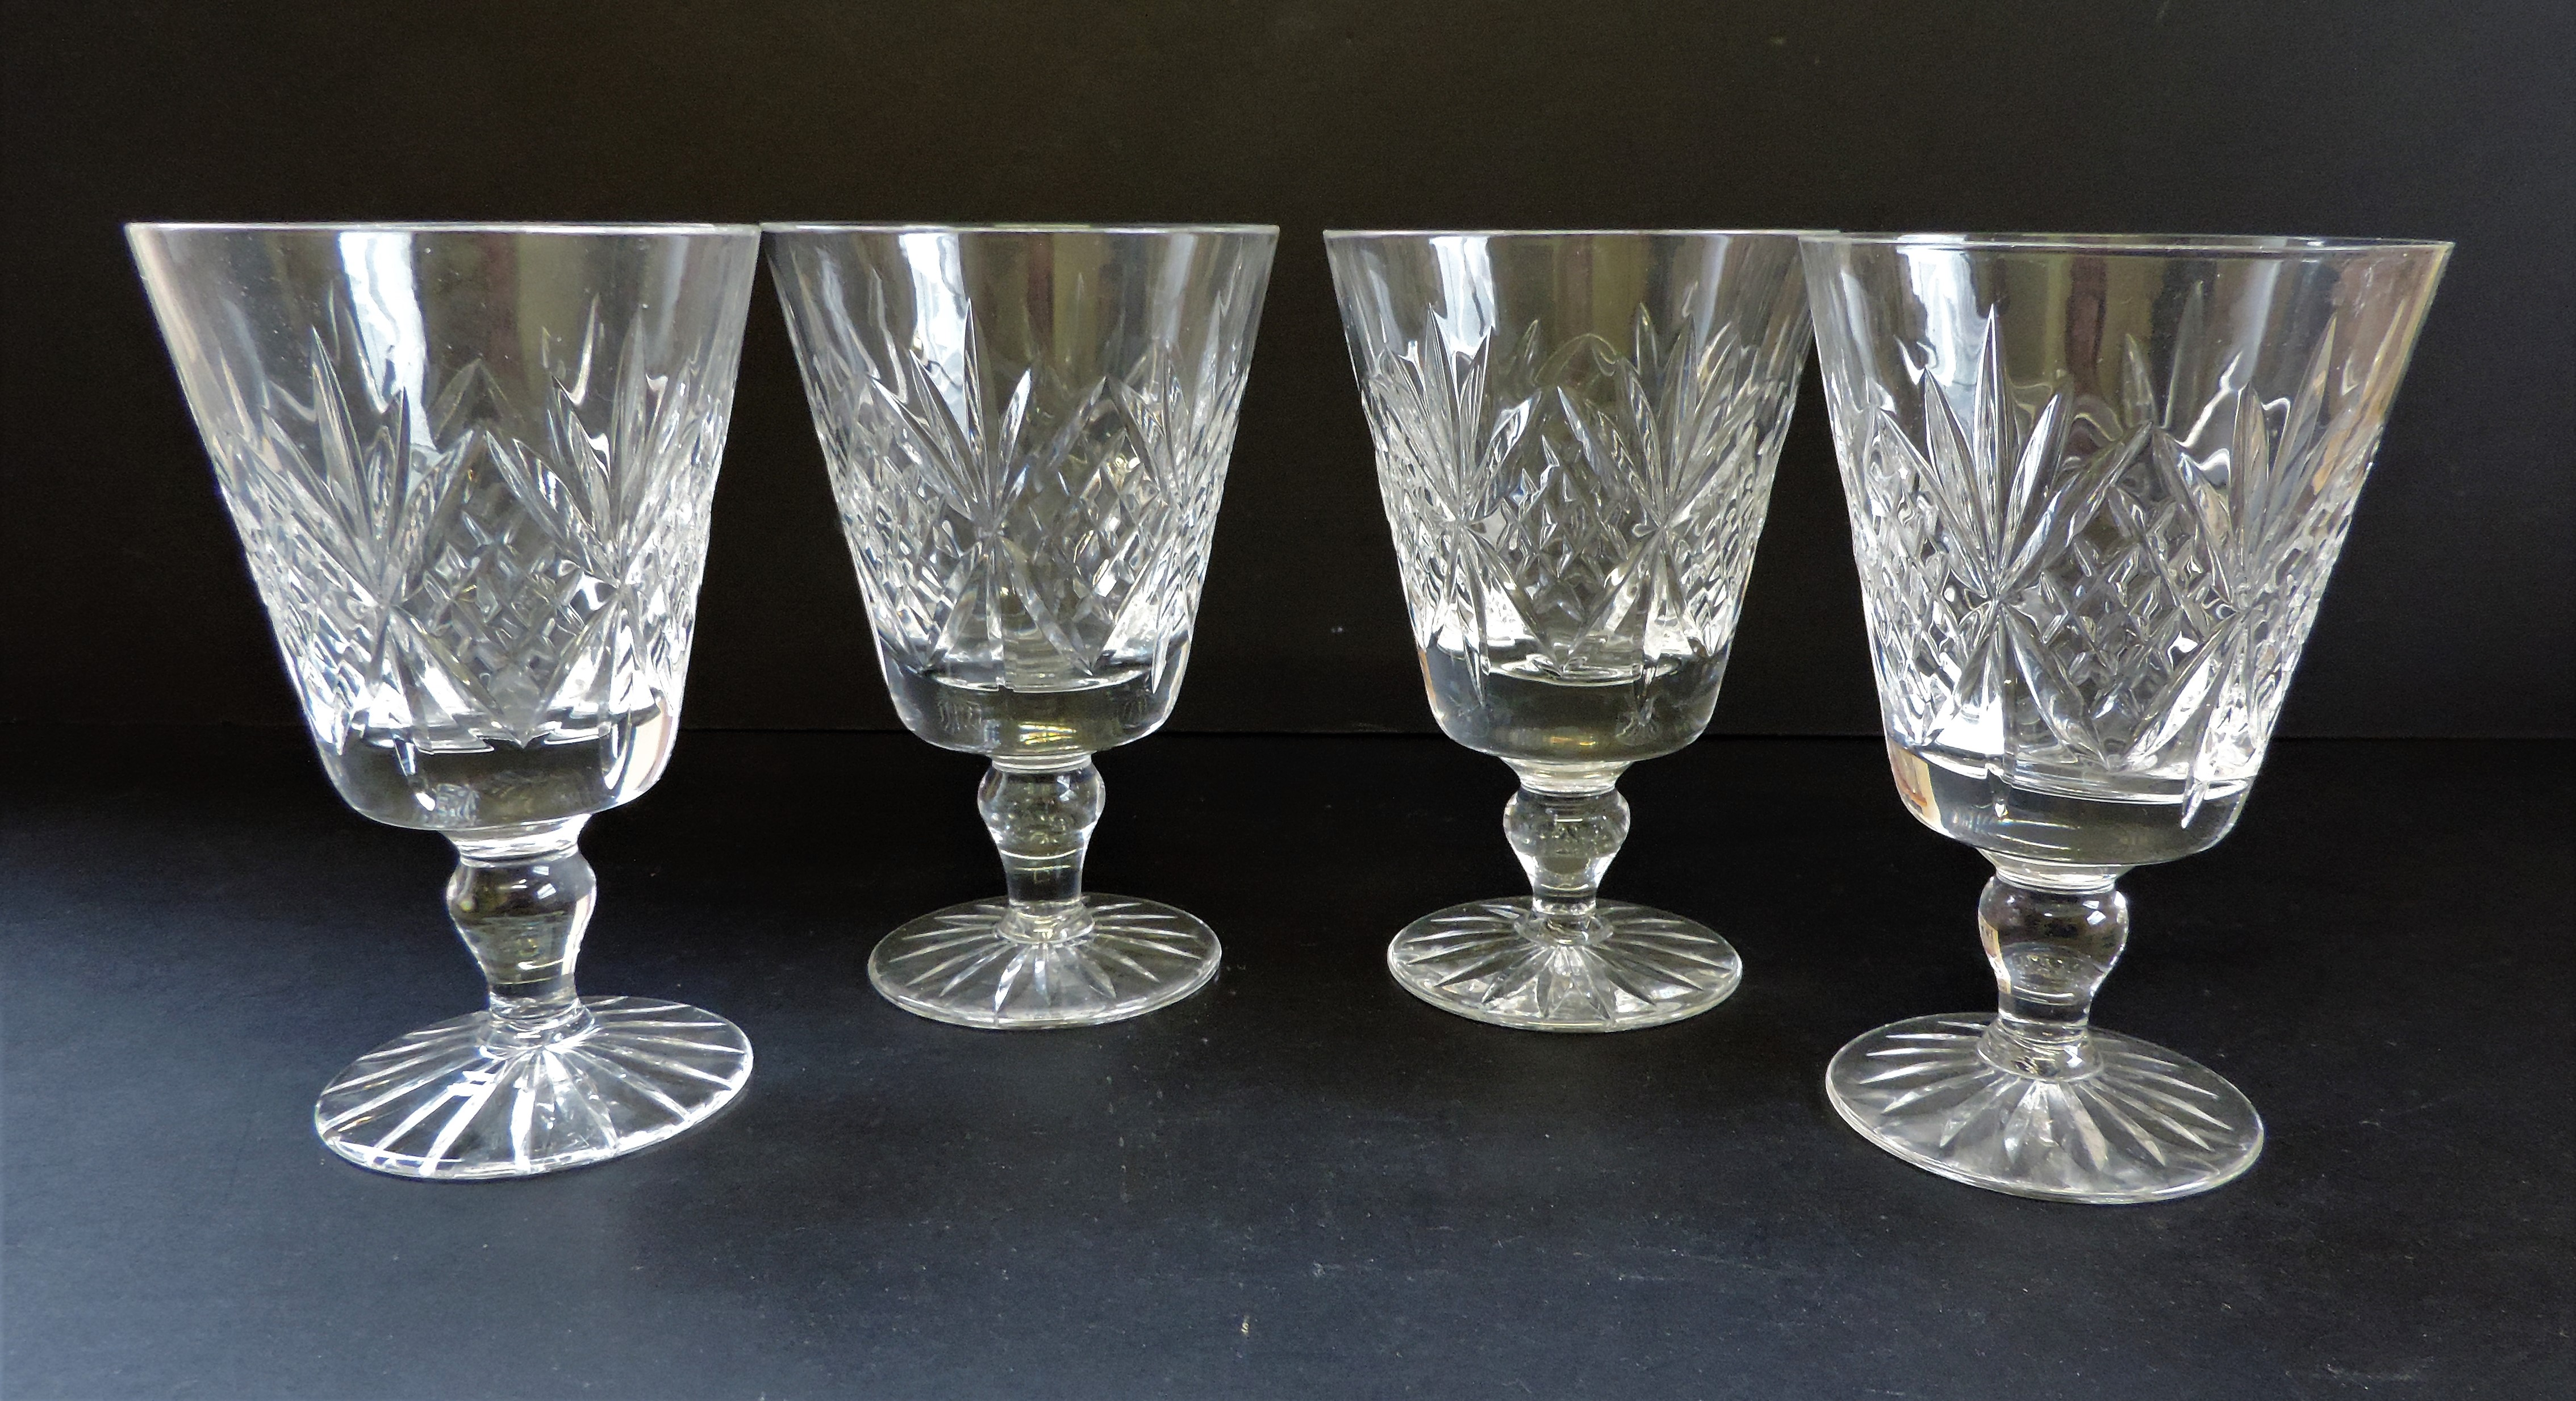 Set of 4 Vintage Crystal Wine Goblets 12cm tall